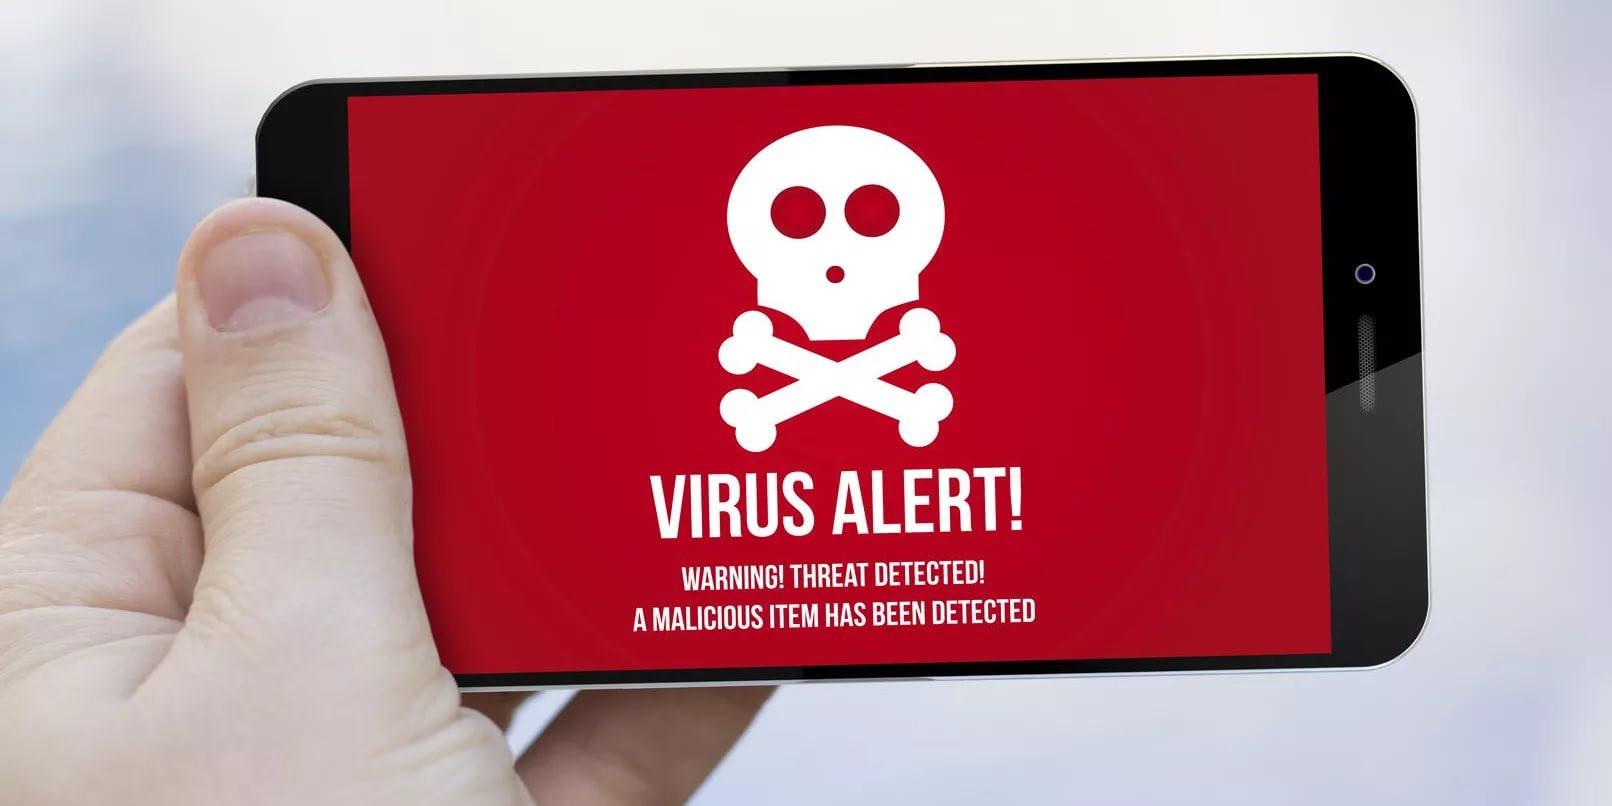 ВGoogle Play обнаружили опасный вирус FalseGuied